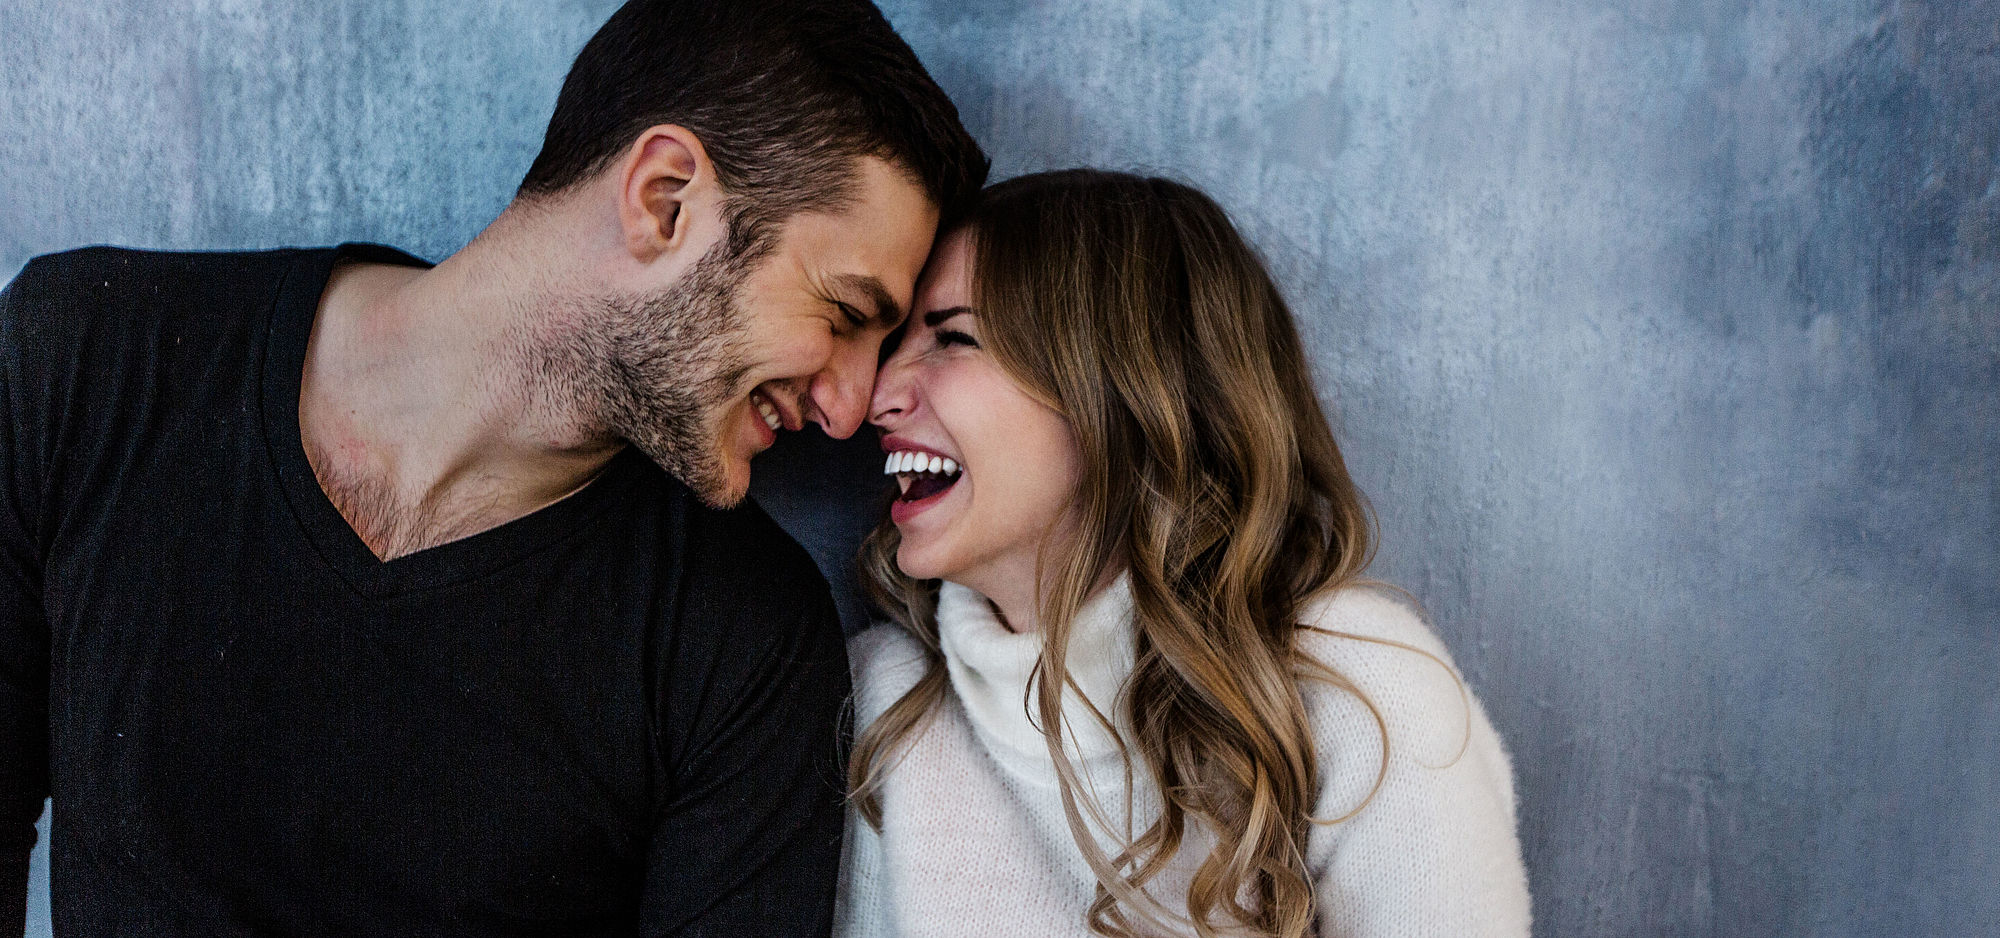 Zölibat Homosexuell-Dating